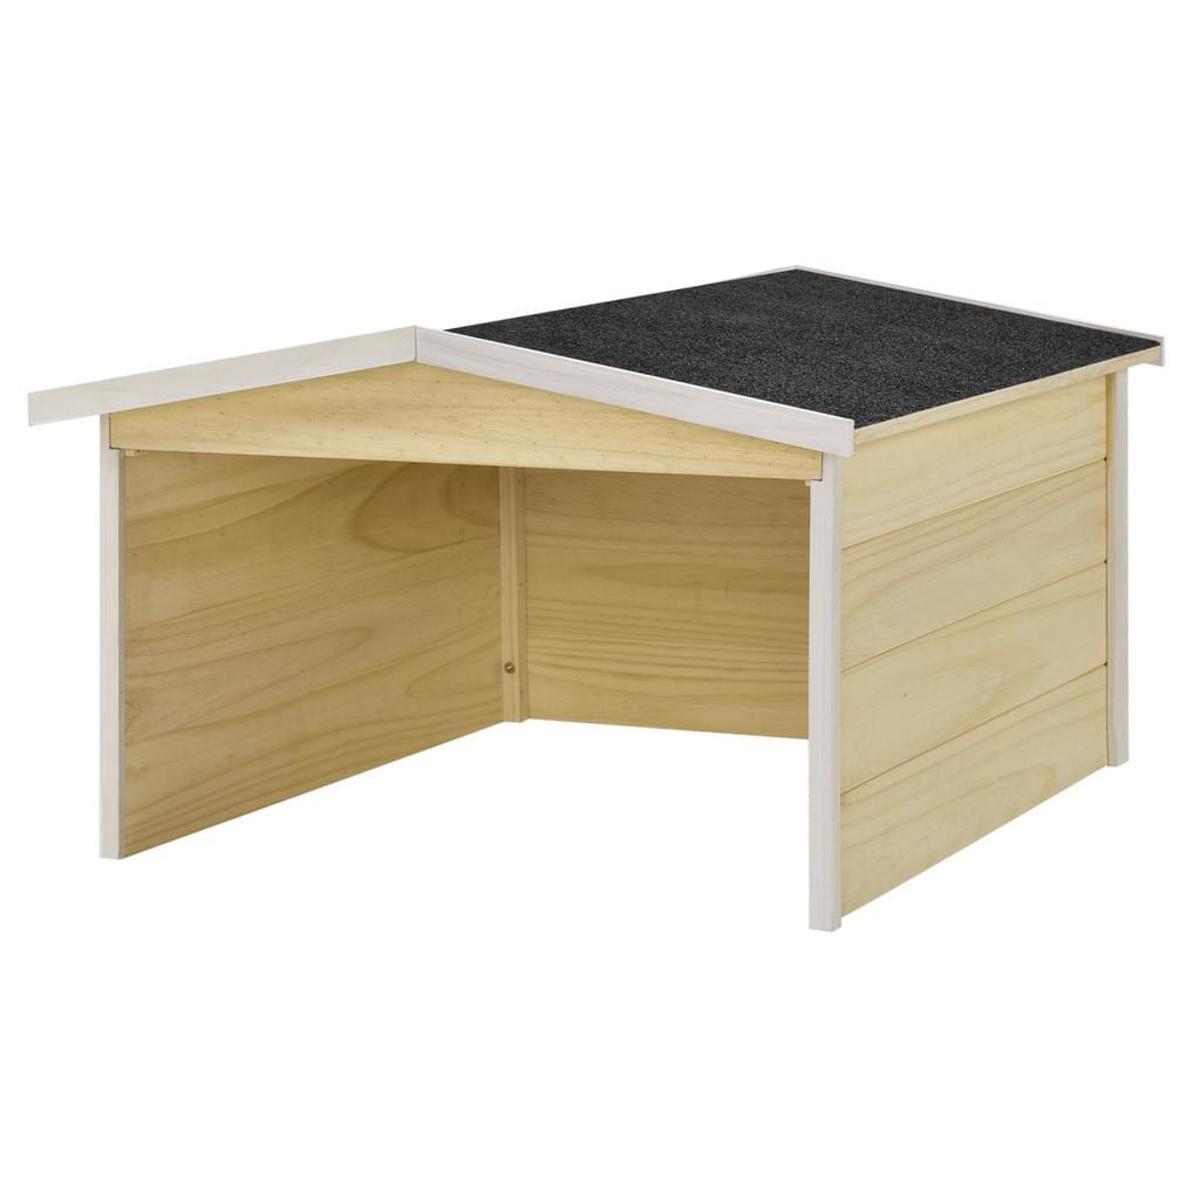 Bild 2 von Juskys Mähroboter-Garage M aus Holz mit wetterfestem Bitumensatteldach